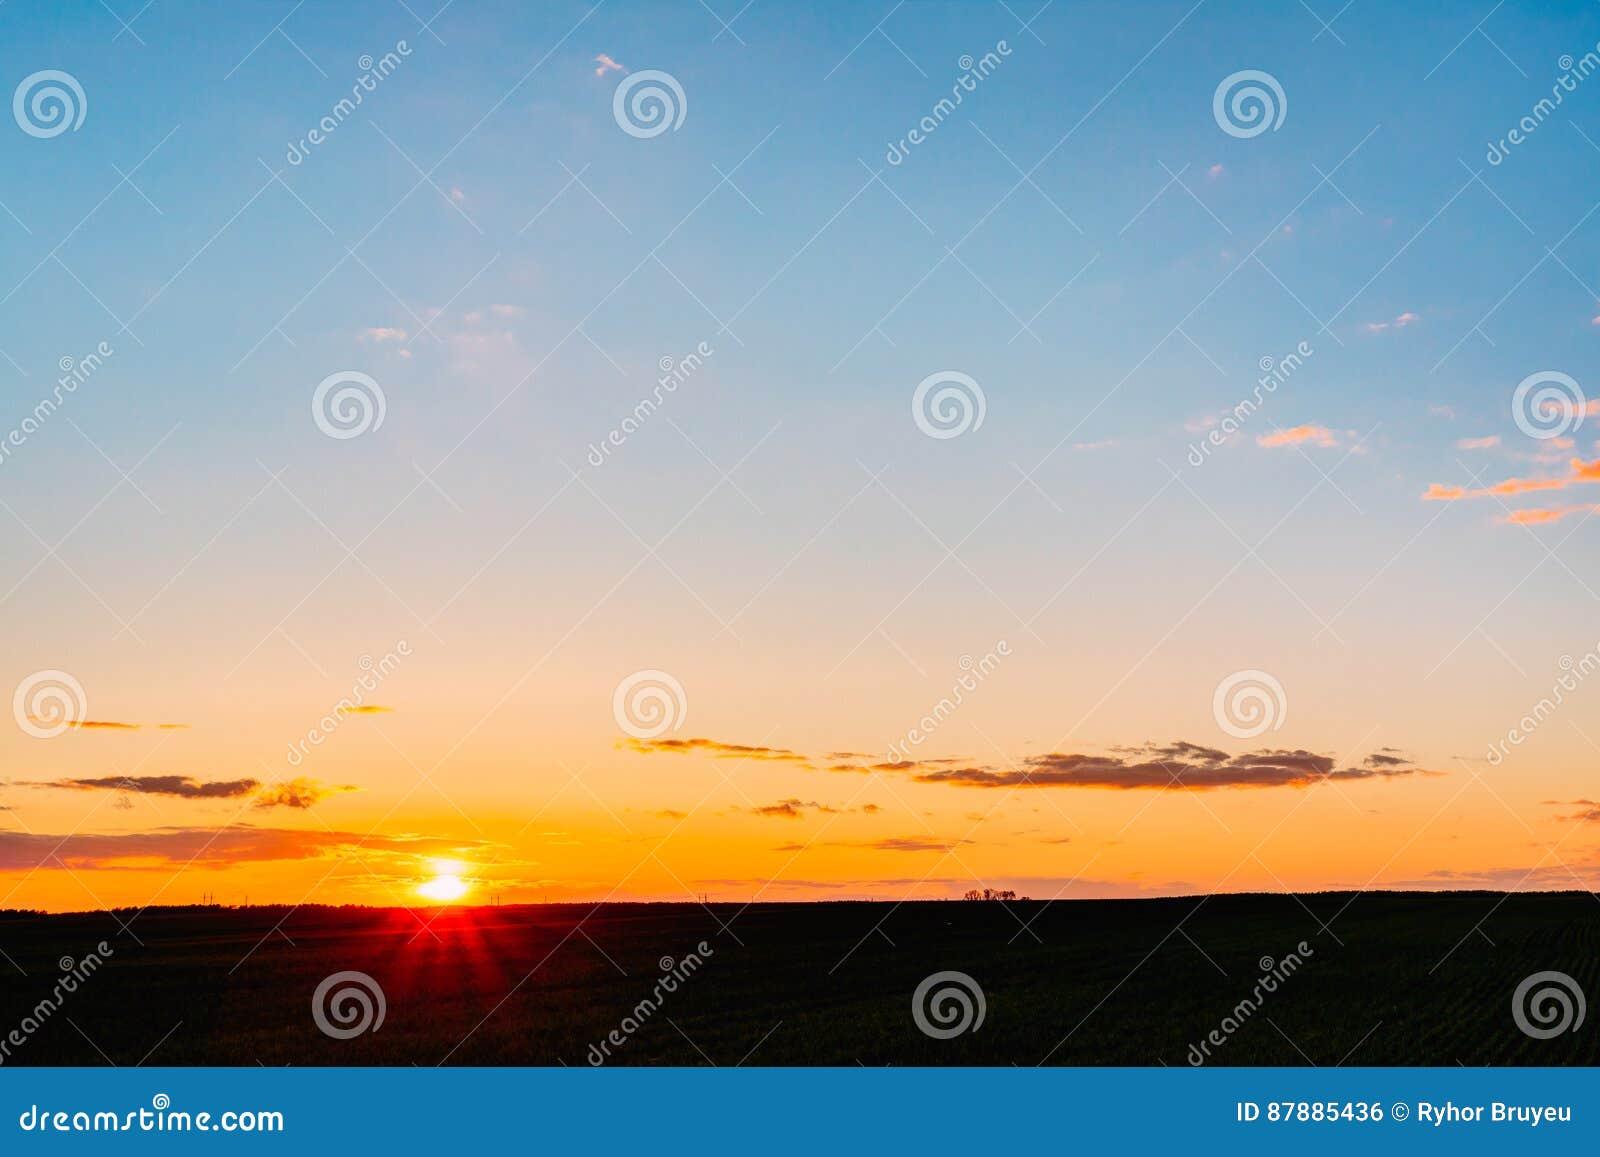 Künstlerisch Heller Boden Foto Von Pattern Sonnenuntergang-sonnenaufgang über Feld Oder Wiese Himmel